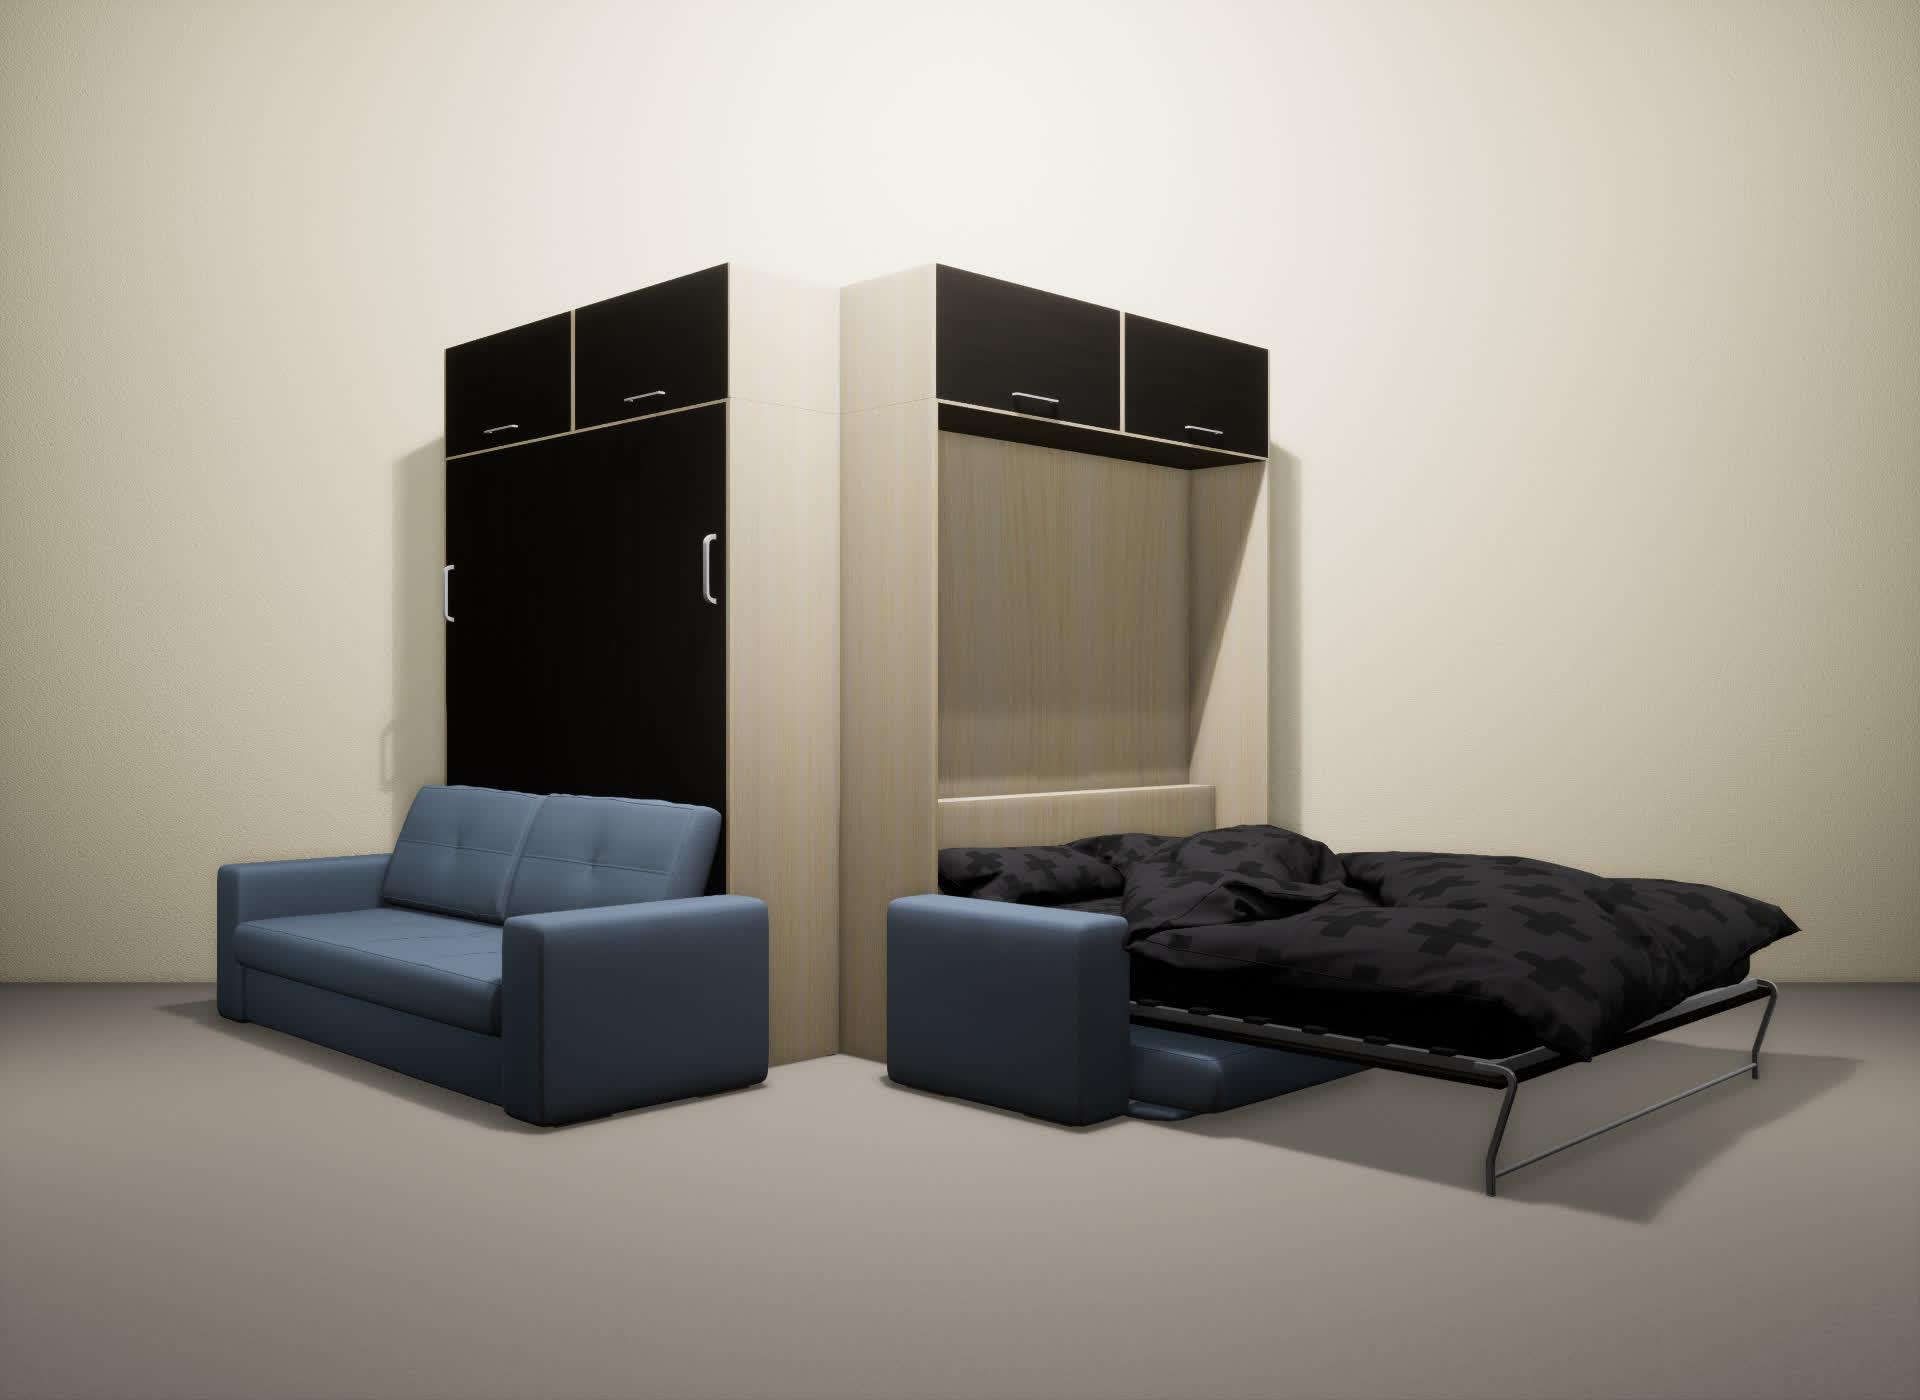 Шкаф-кровать SMART HOME Гамма молочный дуб/венге